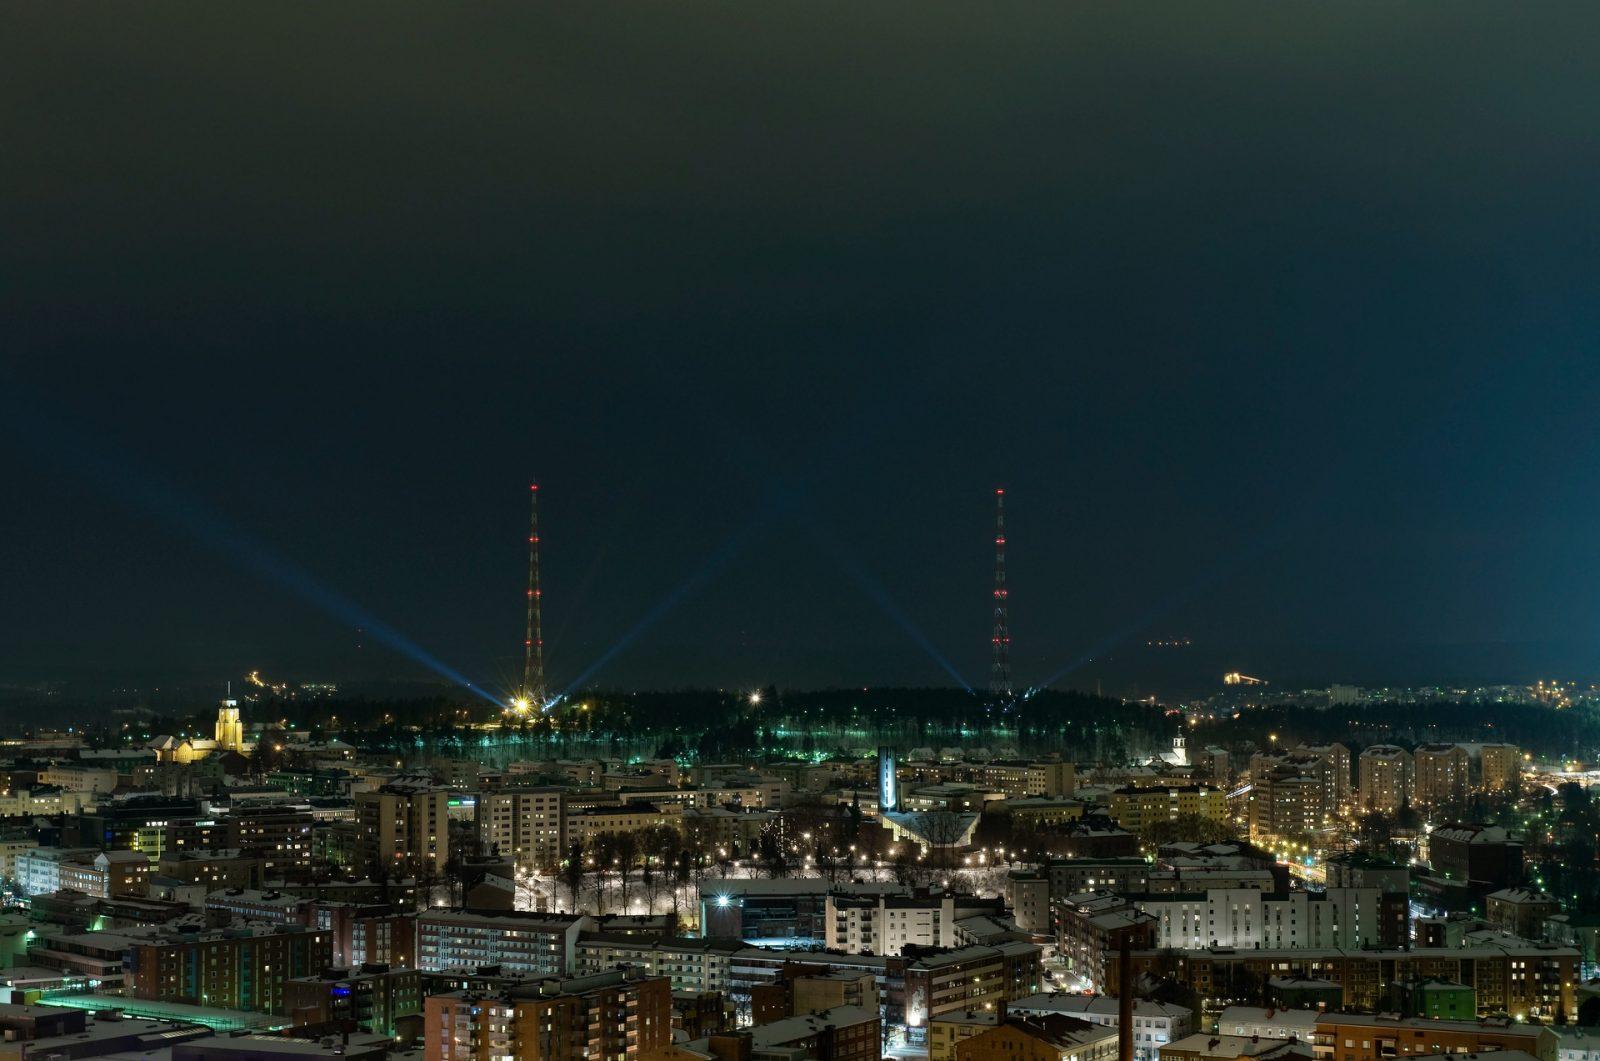 Kuvituskuva yöllisestä kaupungista, jossa kaupungin valaistus korostuu.